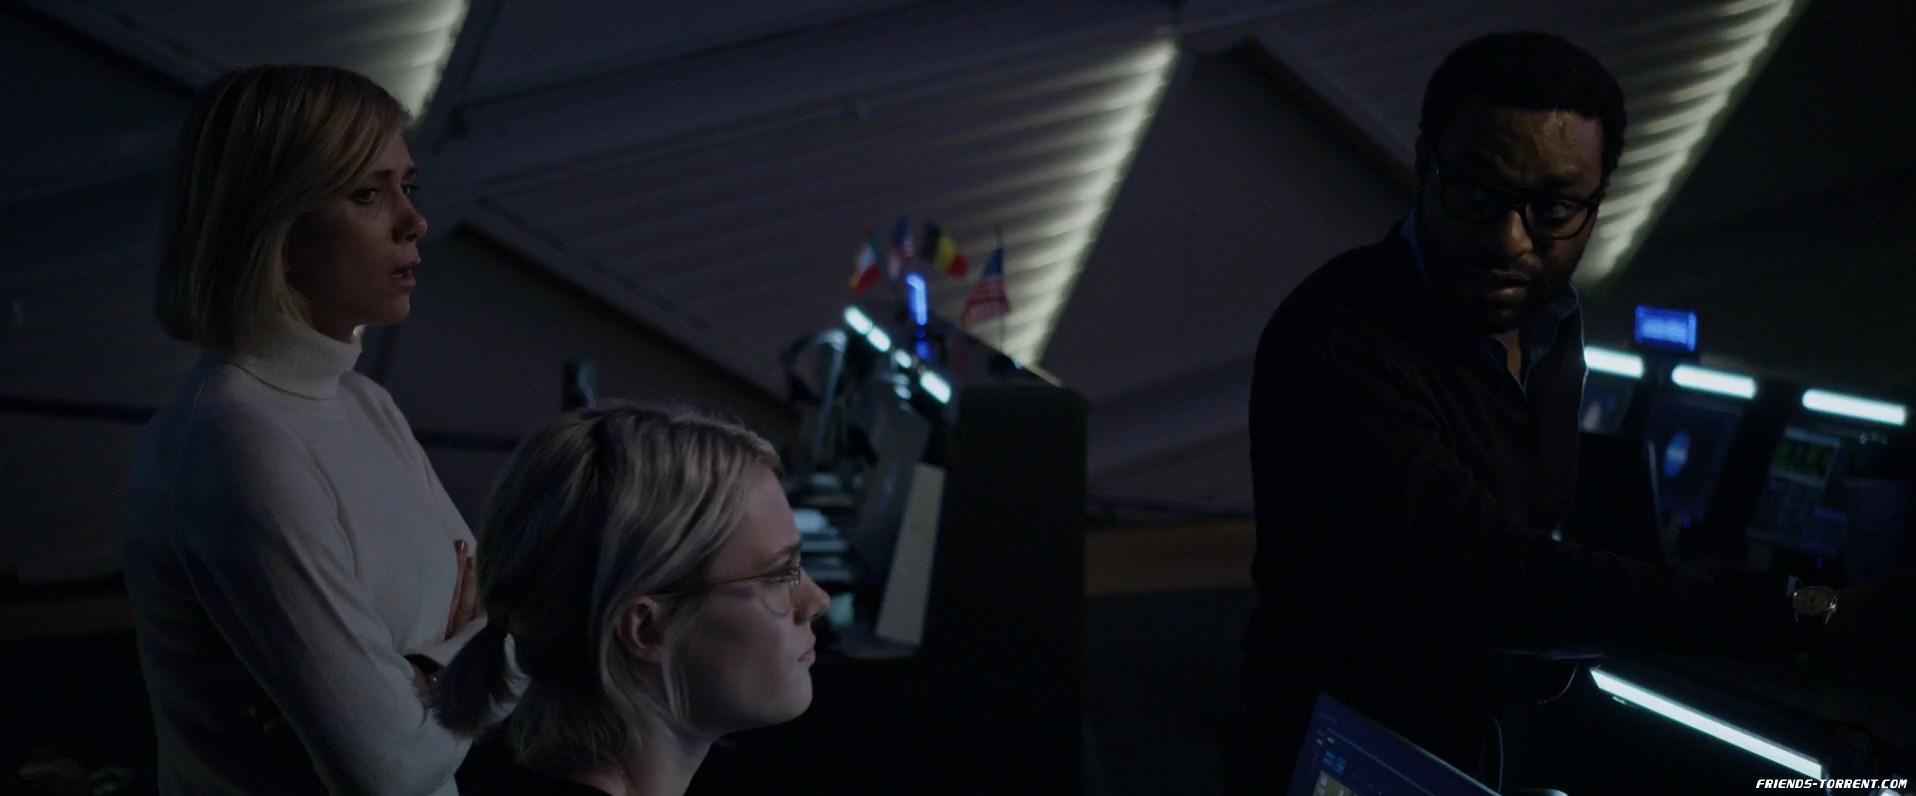 """Да здравствует разум! Рецензия на фильм """"Марсианин"""" - Изображение 12"""